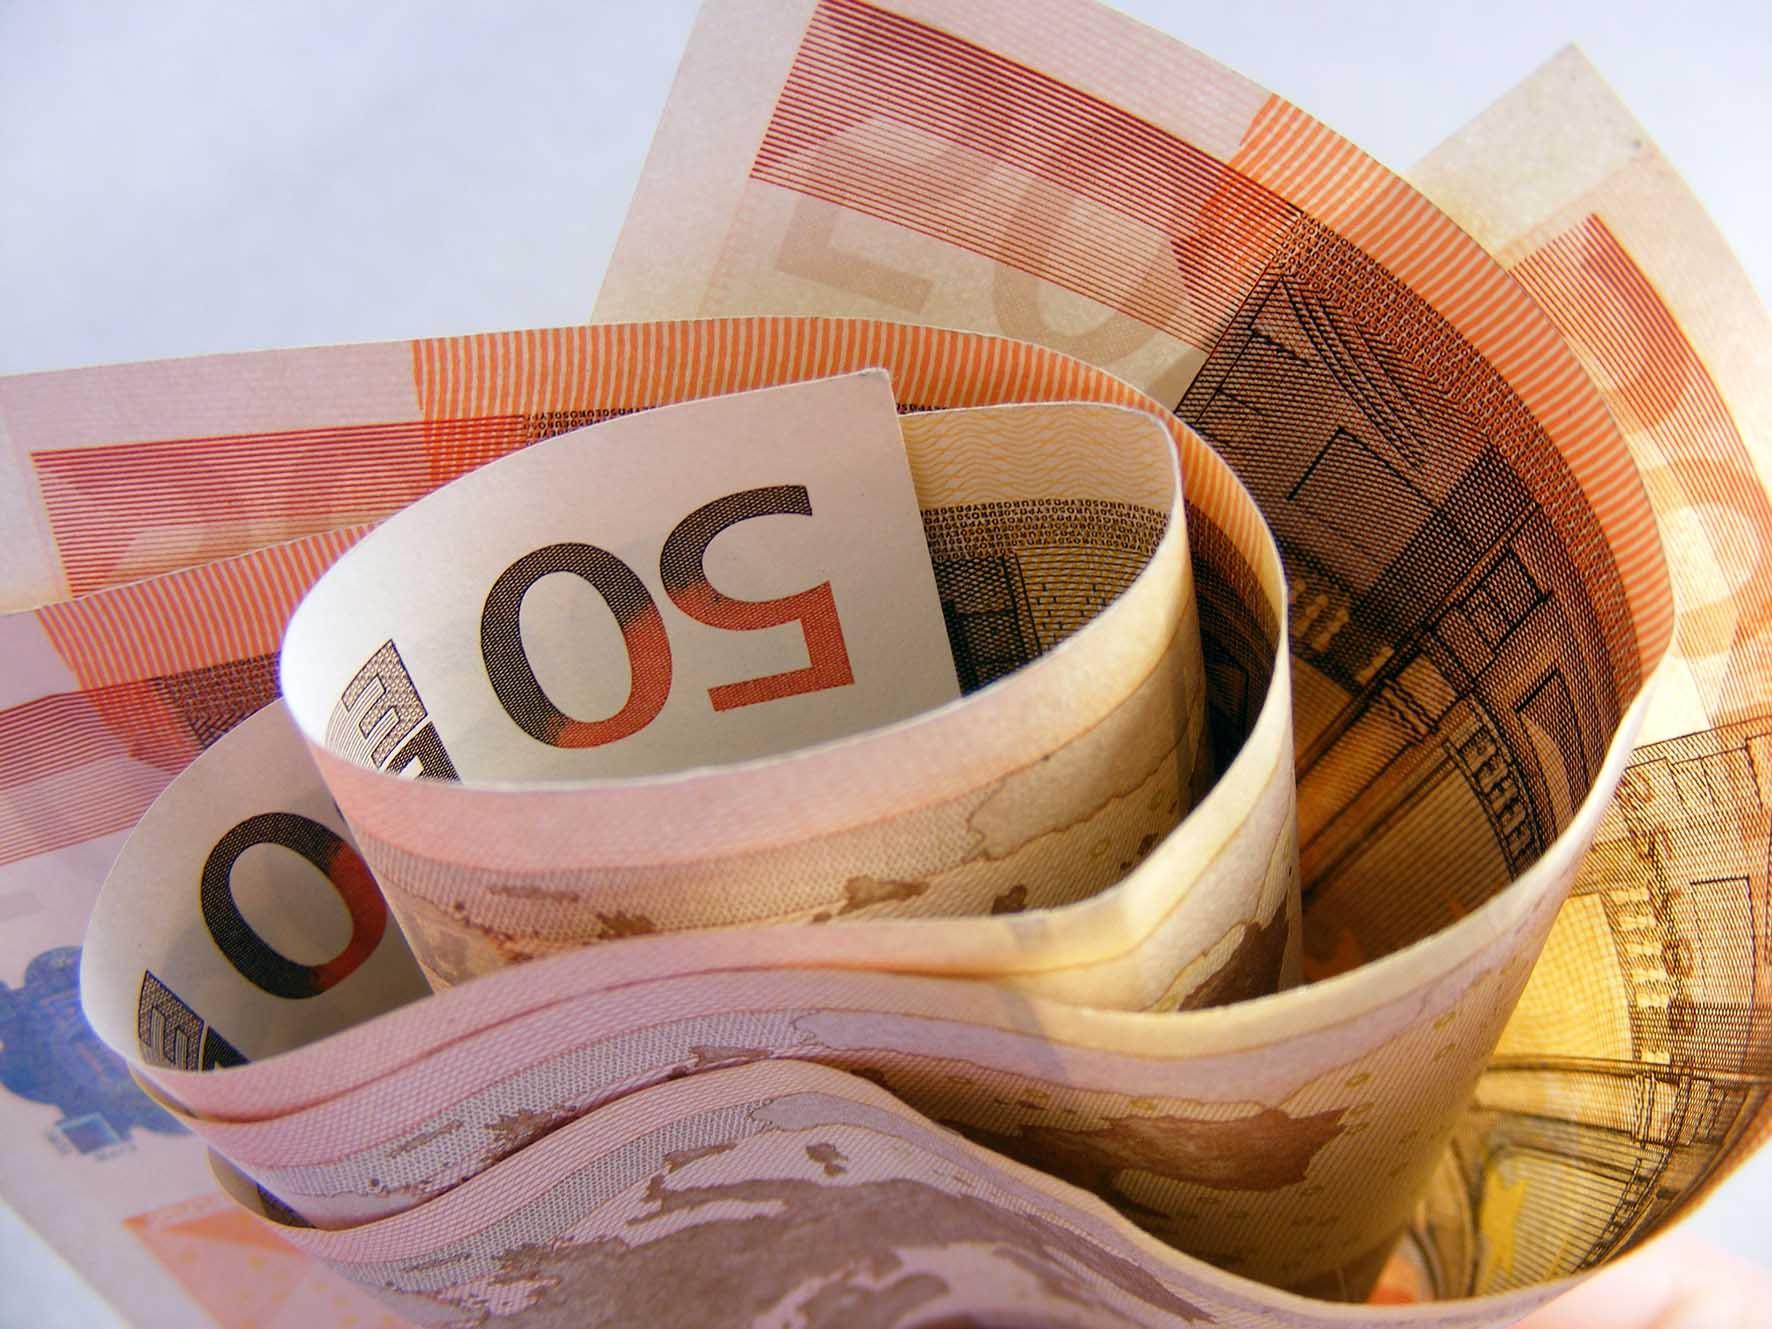 rotolo biglietti 50 euro finanza affari tasse